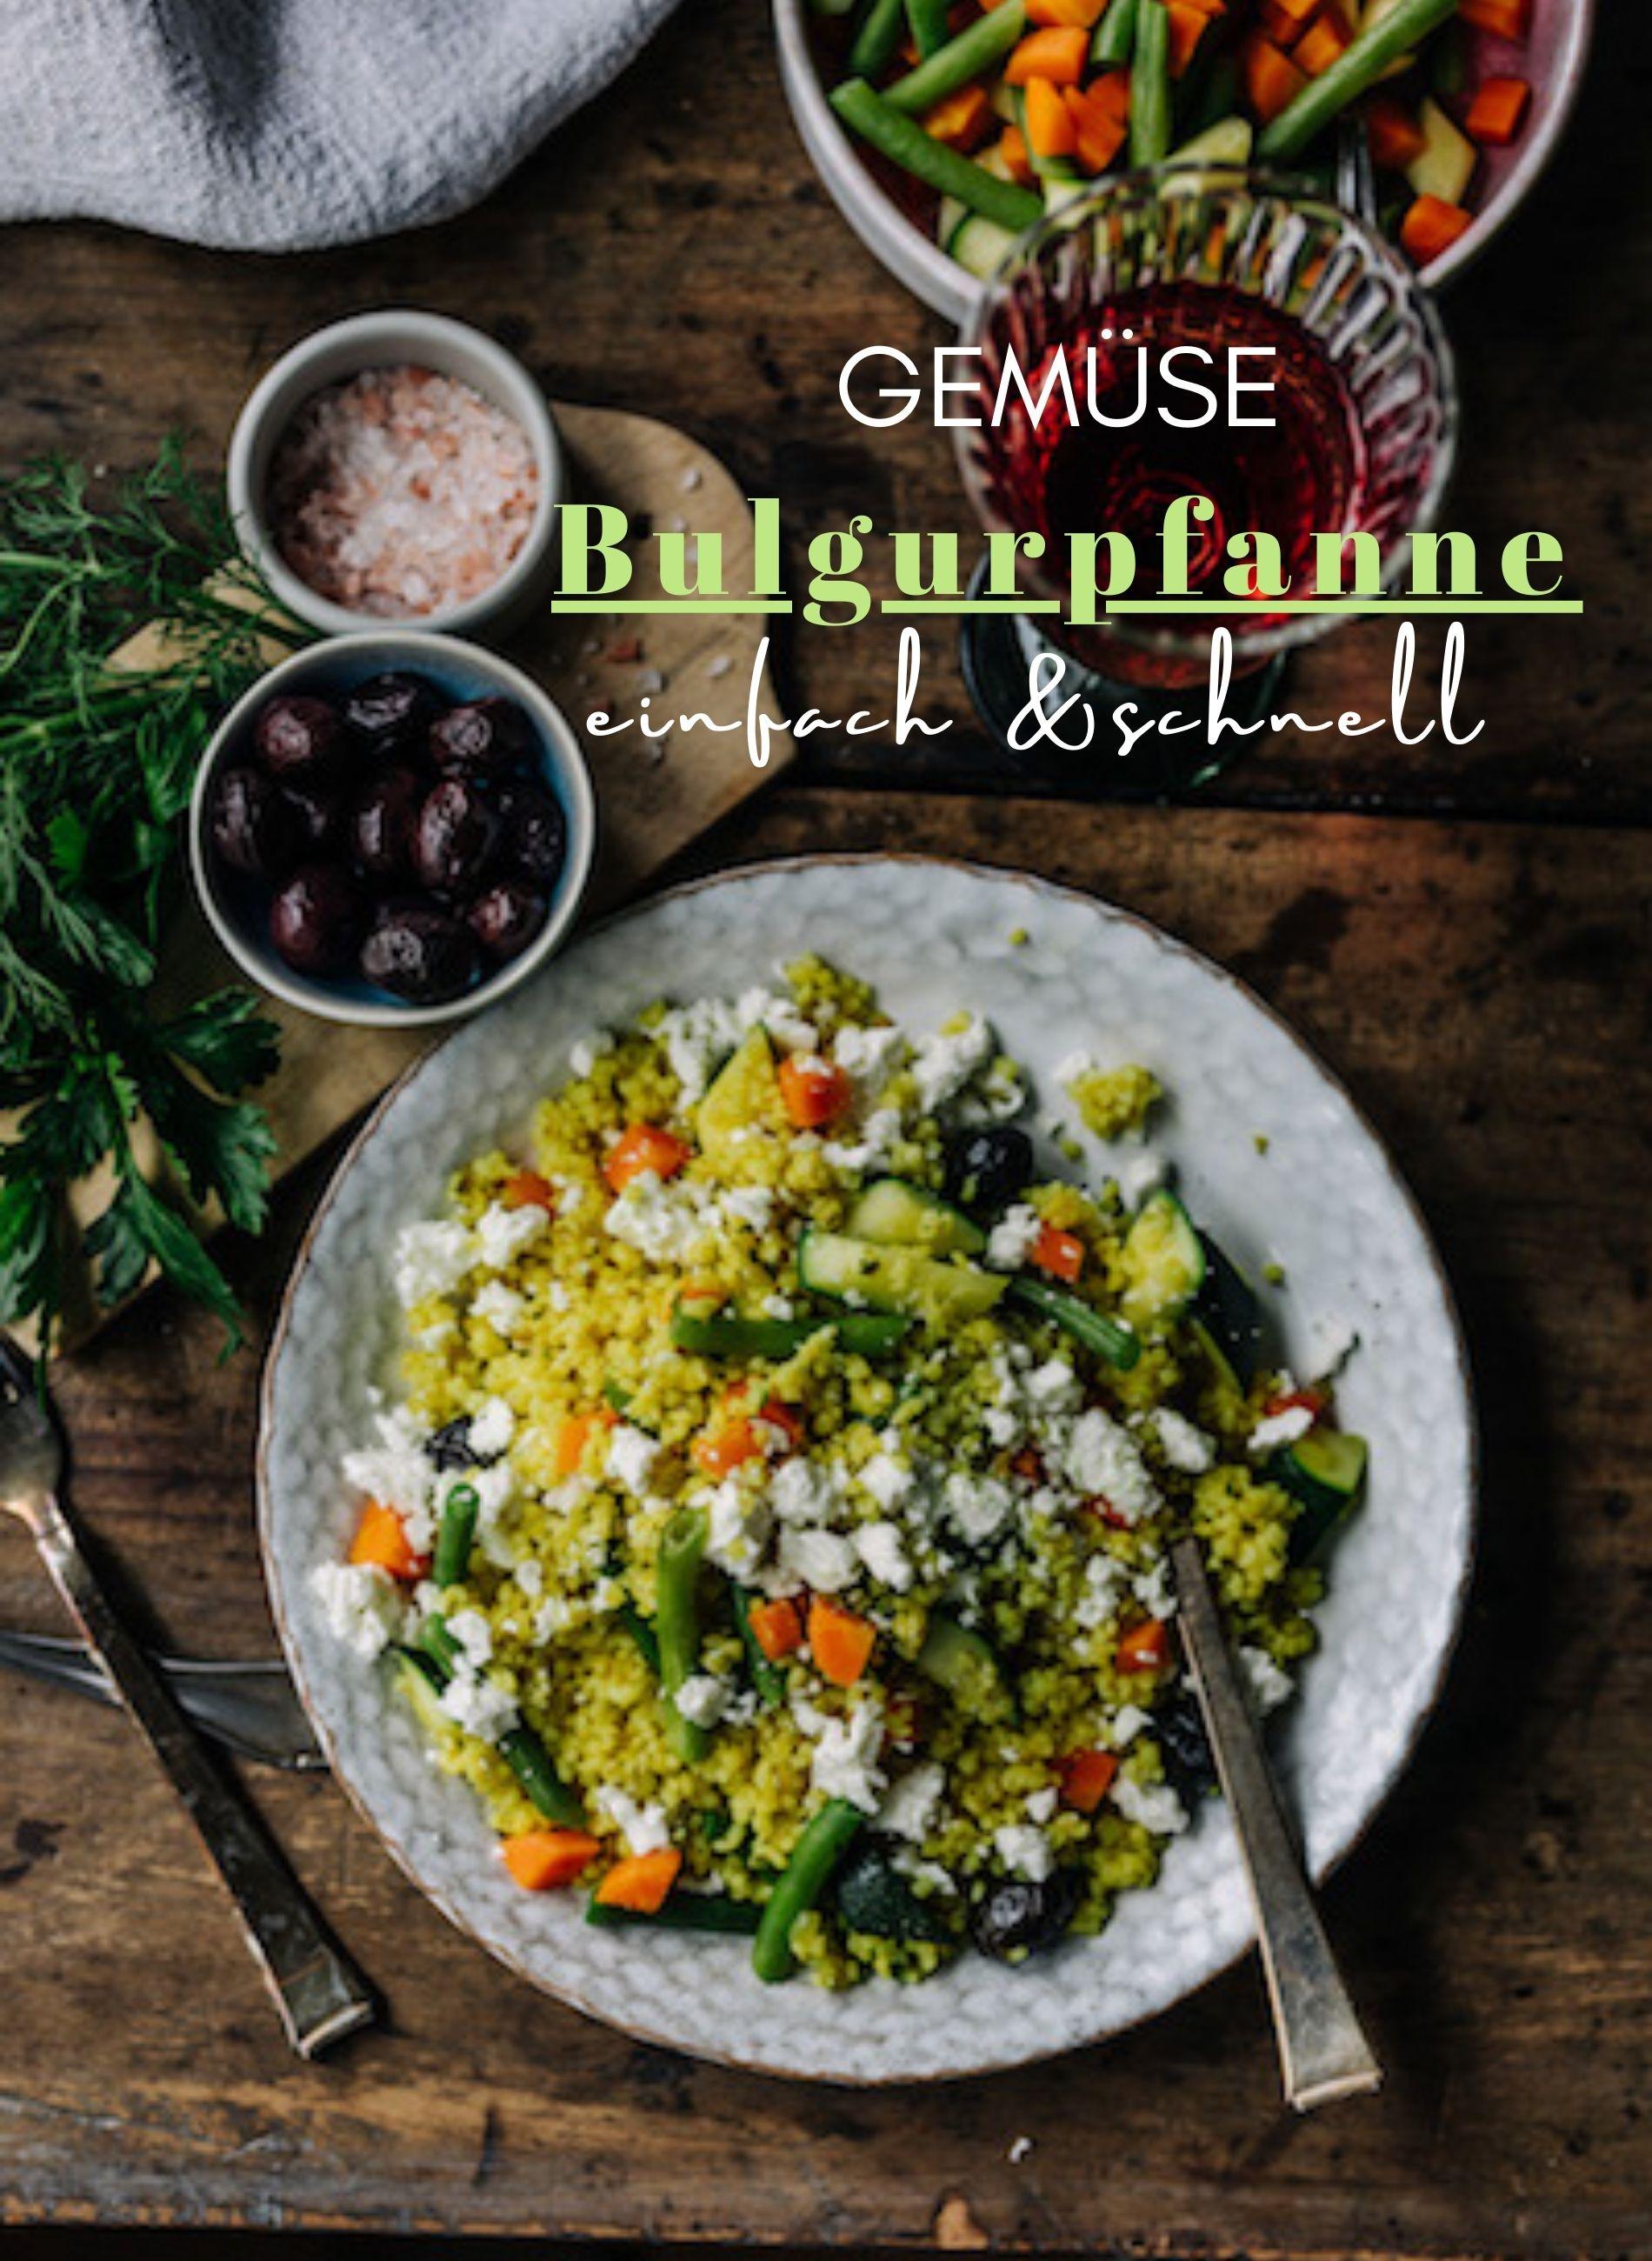 Gemüse Bulgurpfanne